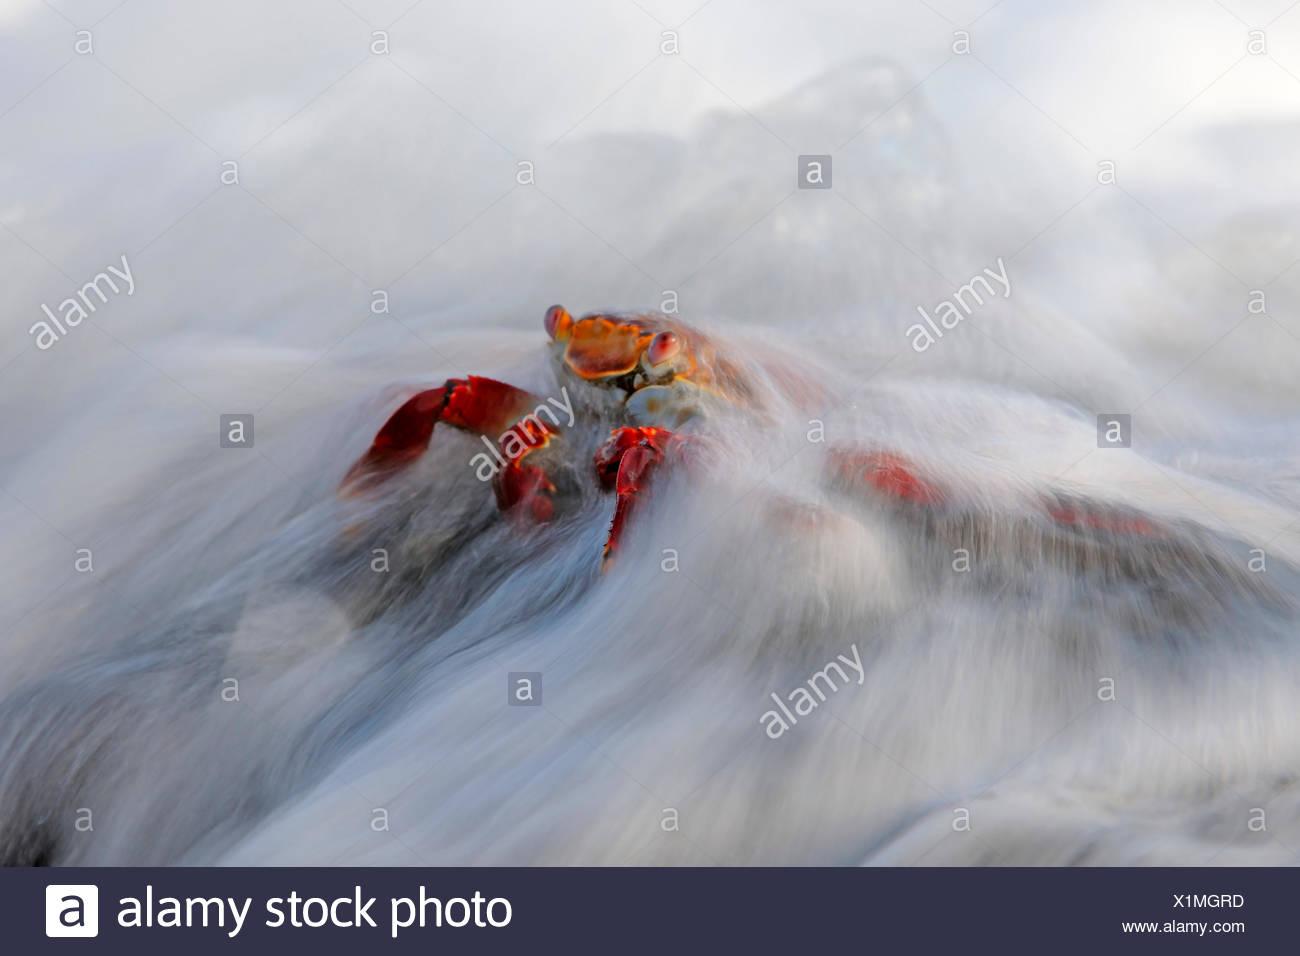 Rote Klippenkrabbe, Rote Klippen-Krabbe, Klippenkrabbe, Klippen-Krabbe, Felsenkrabbe, Felsen-Krabbe, Rote Felsenkrabbe, Quadrat- - Stock Image